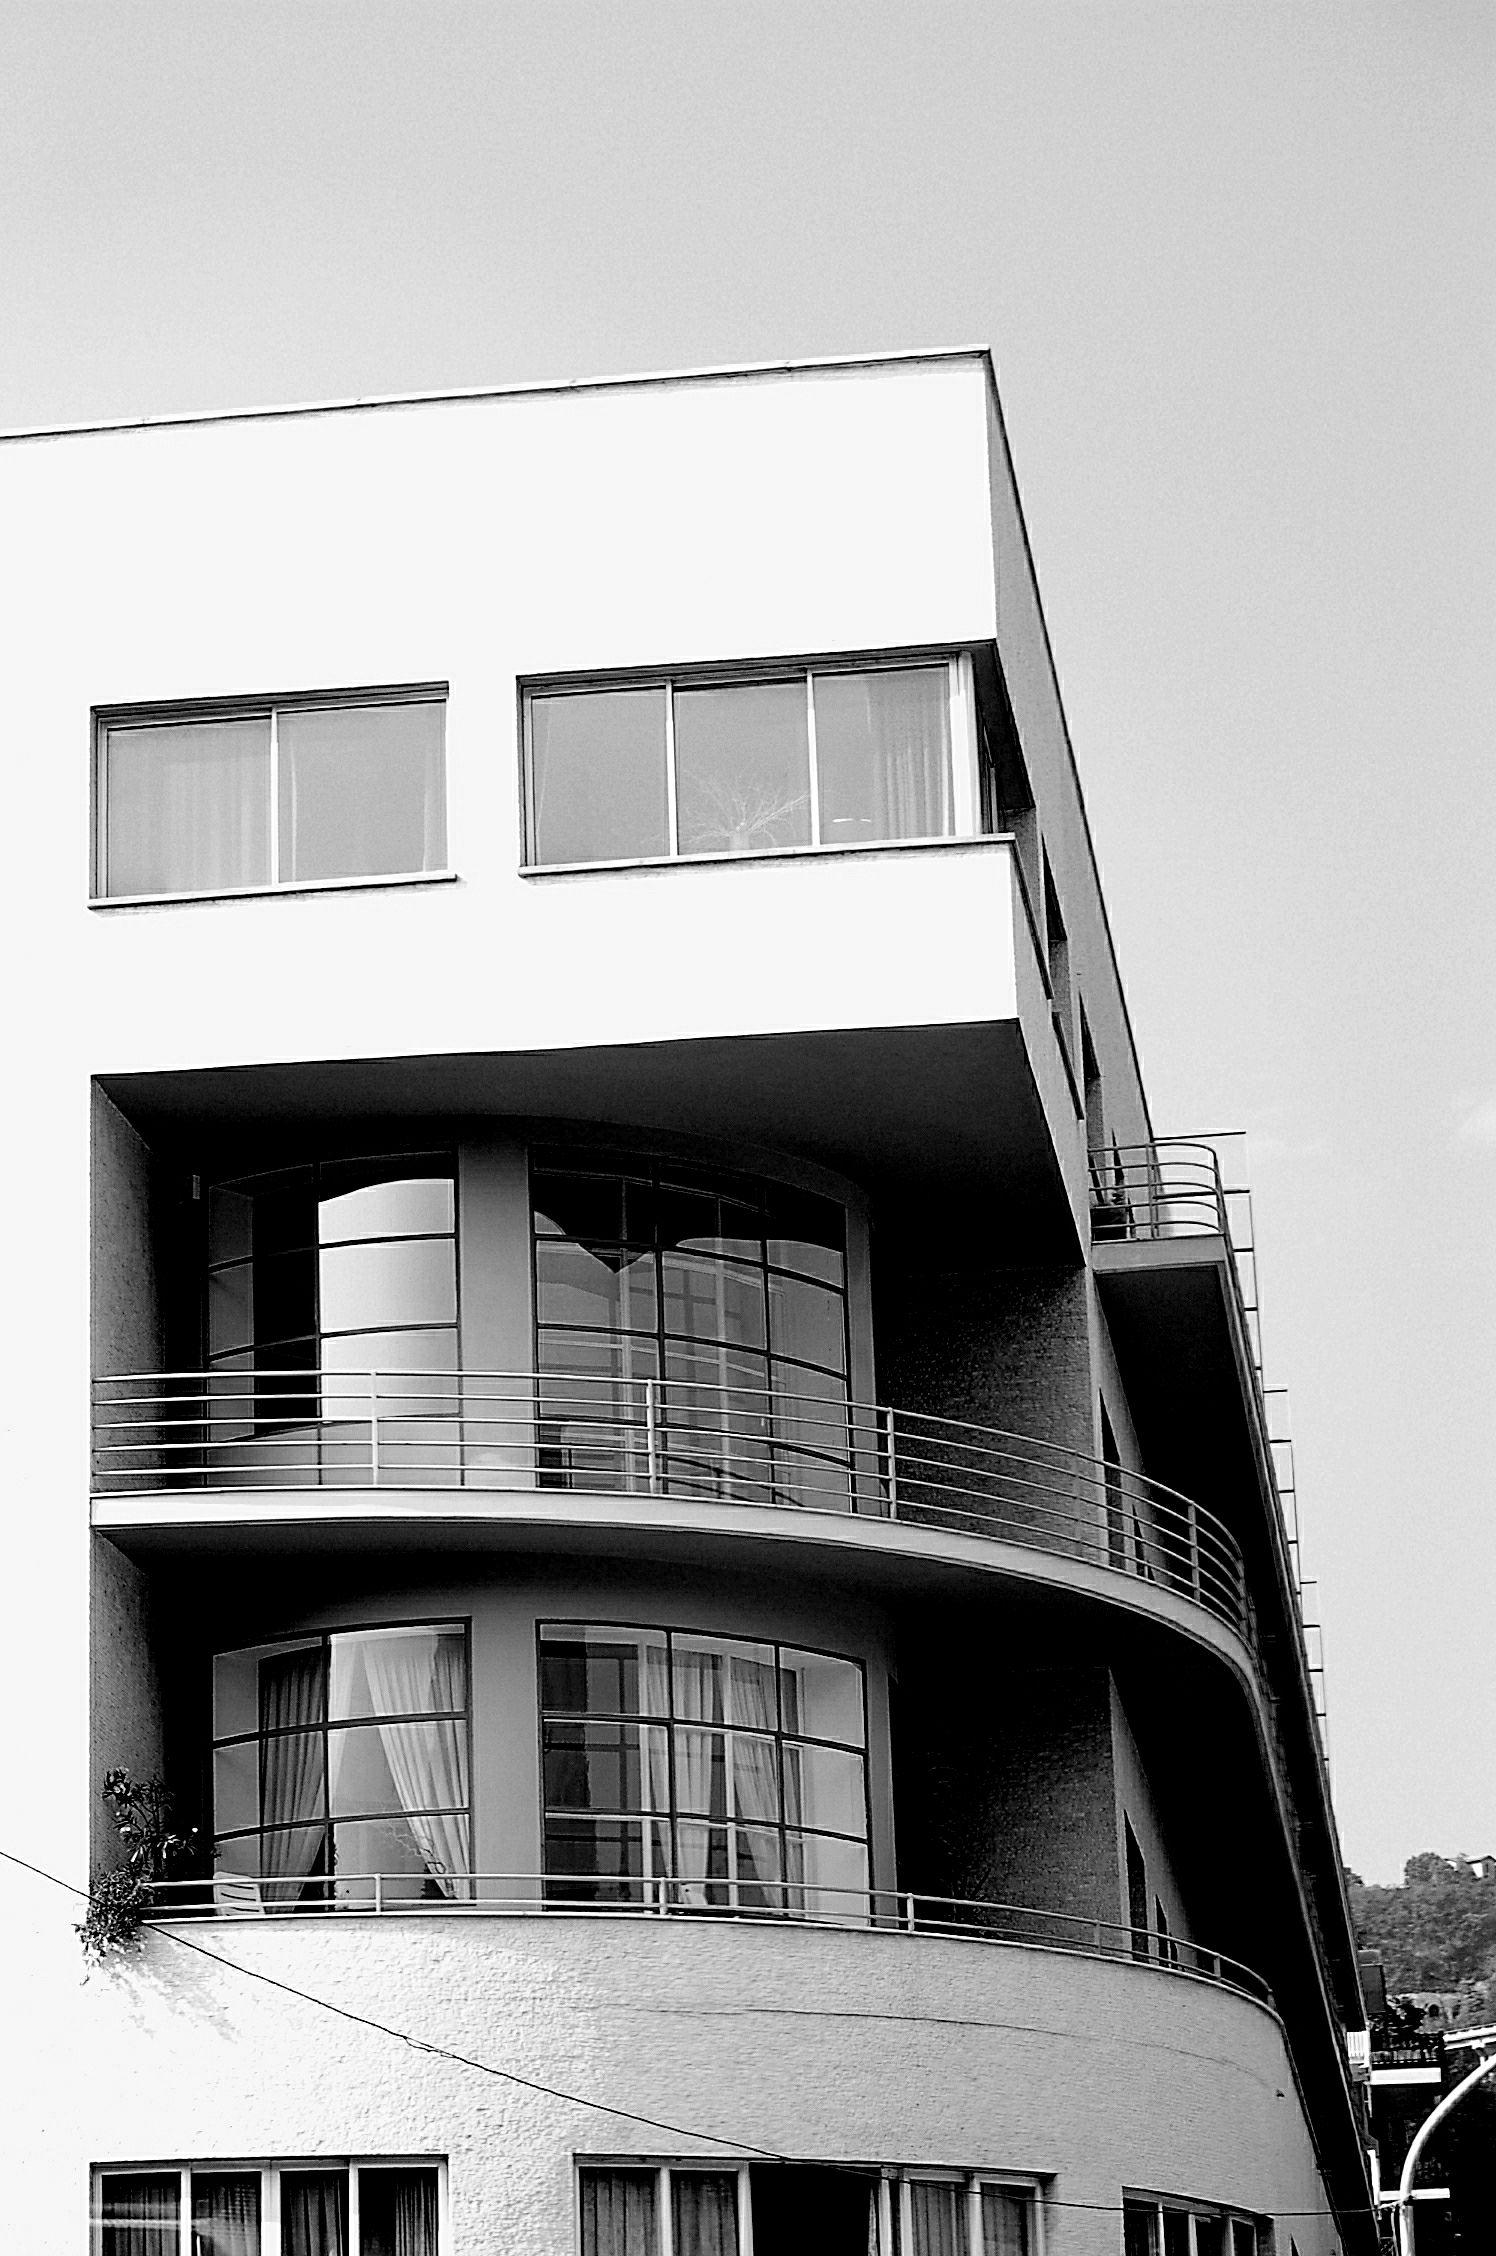 Edificio novocomun giuseppe terragni architettura for Architettura ville moderne